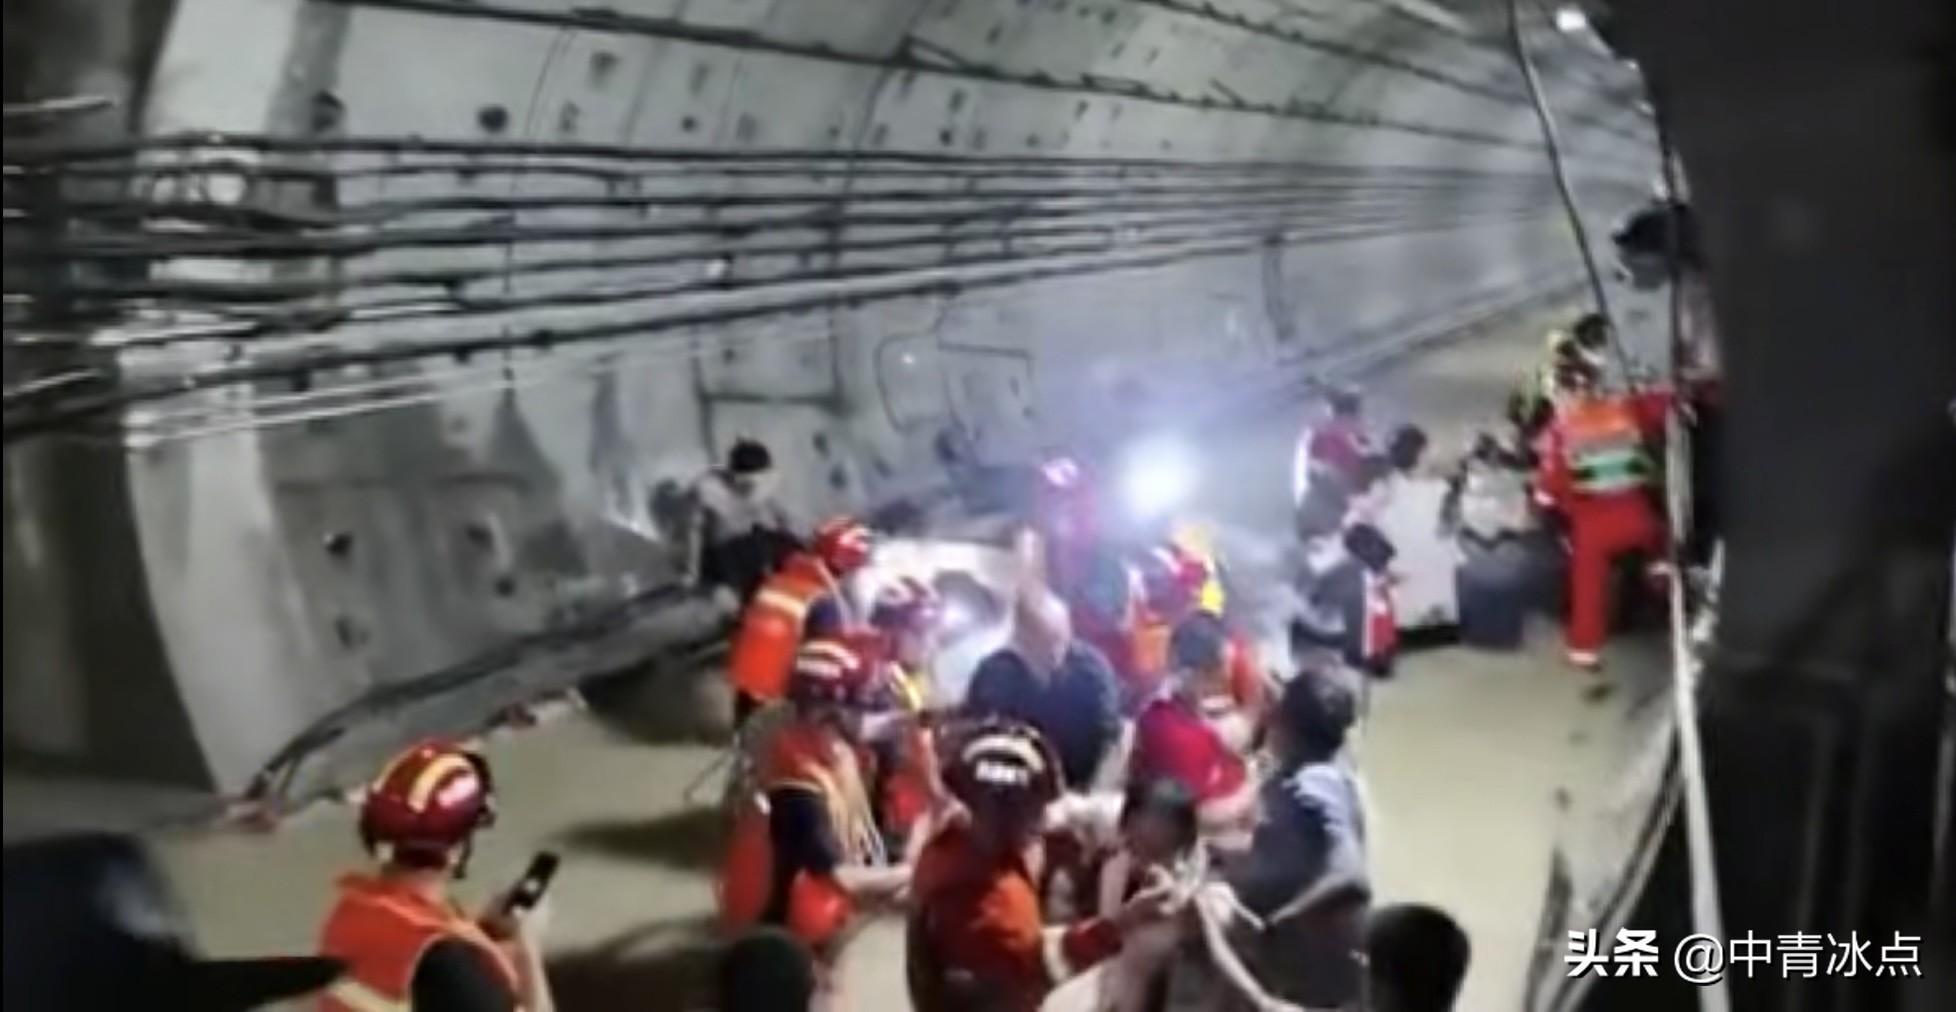 郑州地铁5号线被困人员口述:看到车厢外水位过了头顶后,我已经开始交代后事了